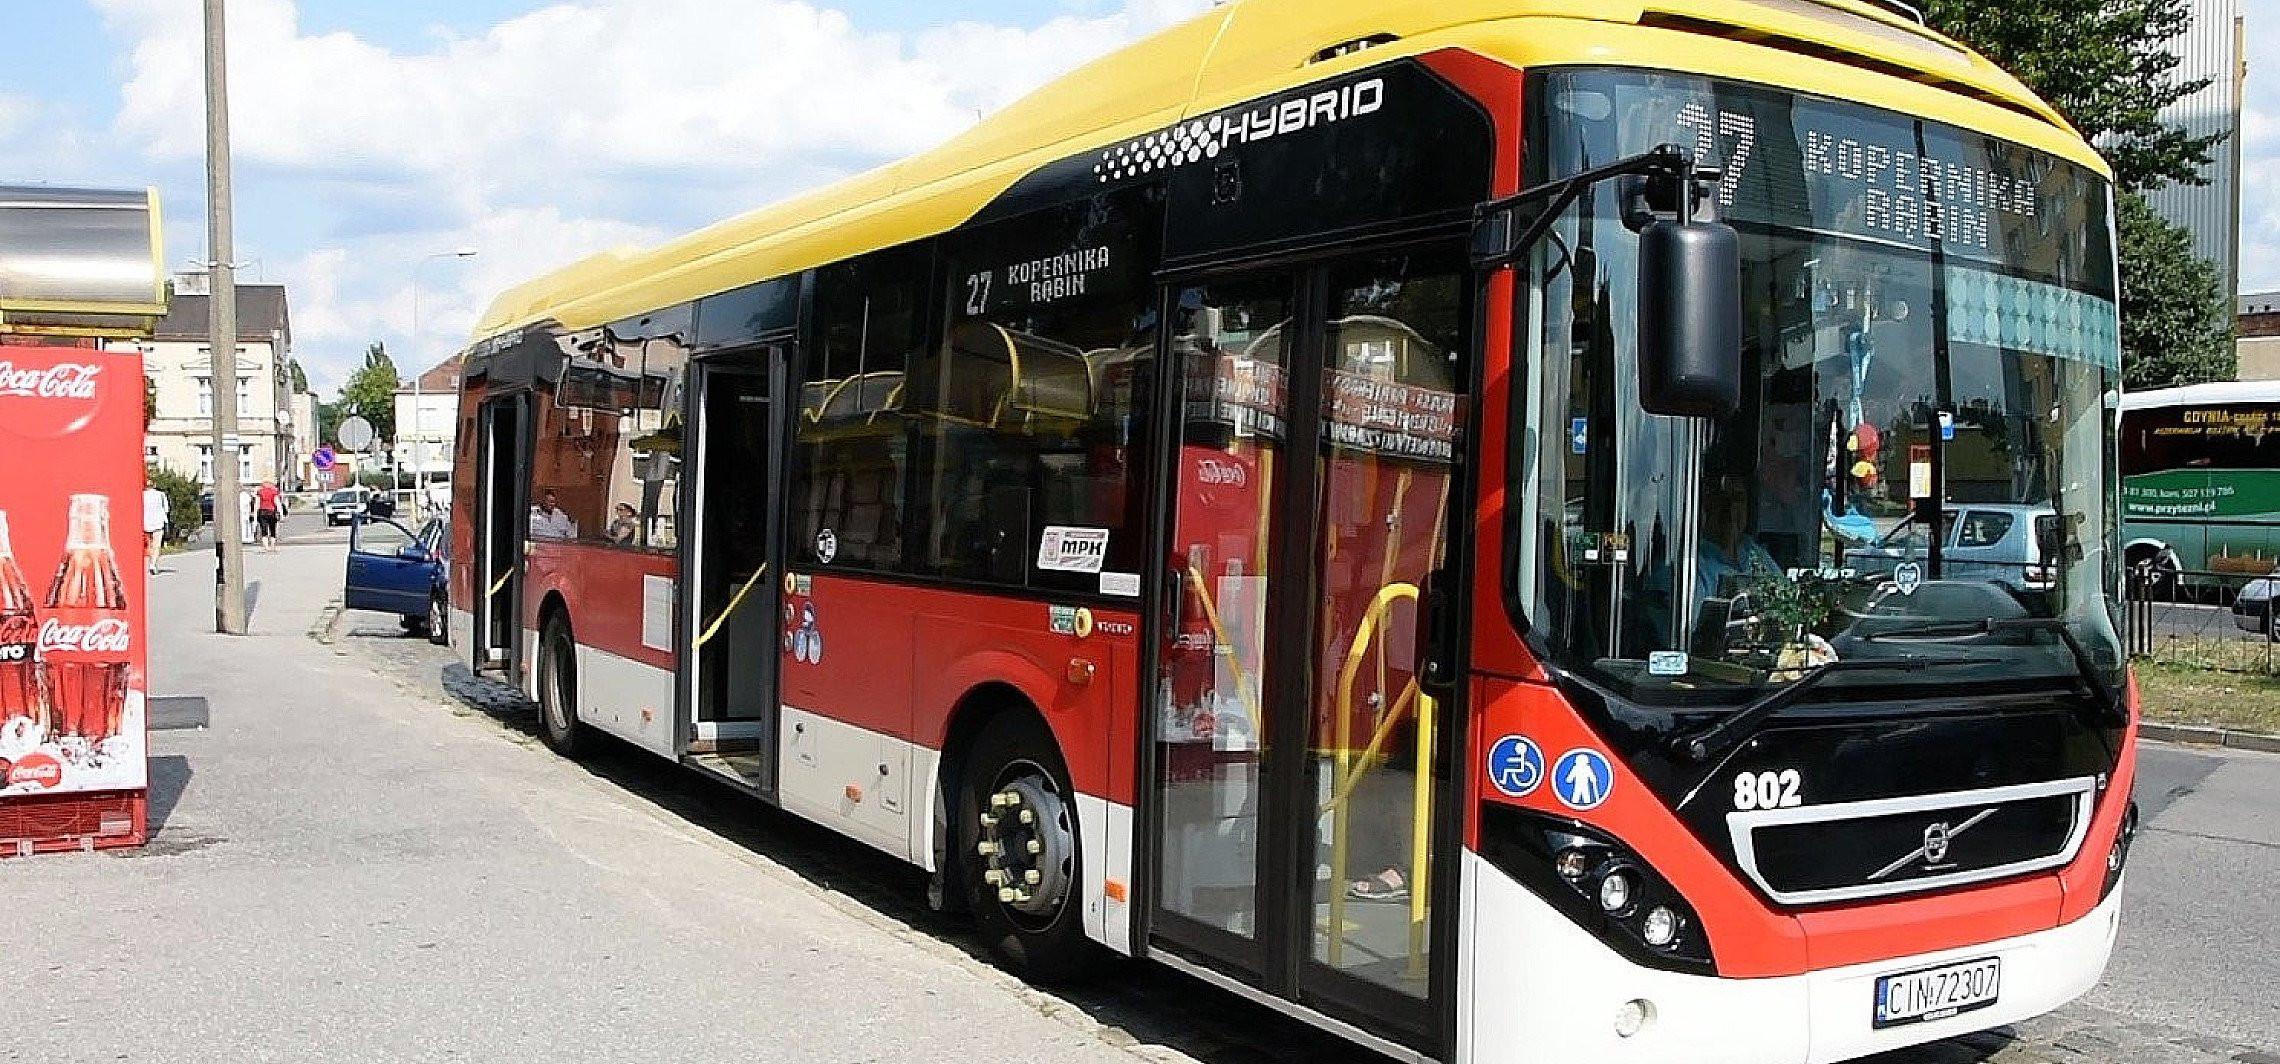 Inowrocław - Dzisiaj autobusem pojedziesz za darmo